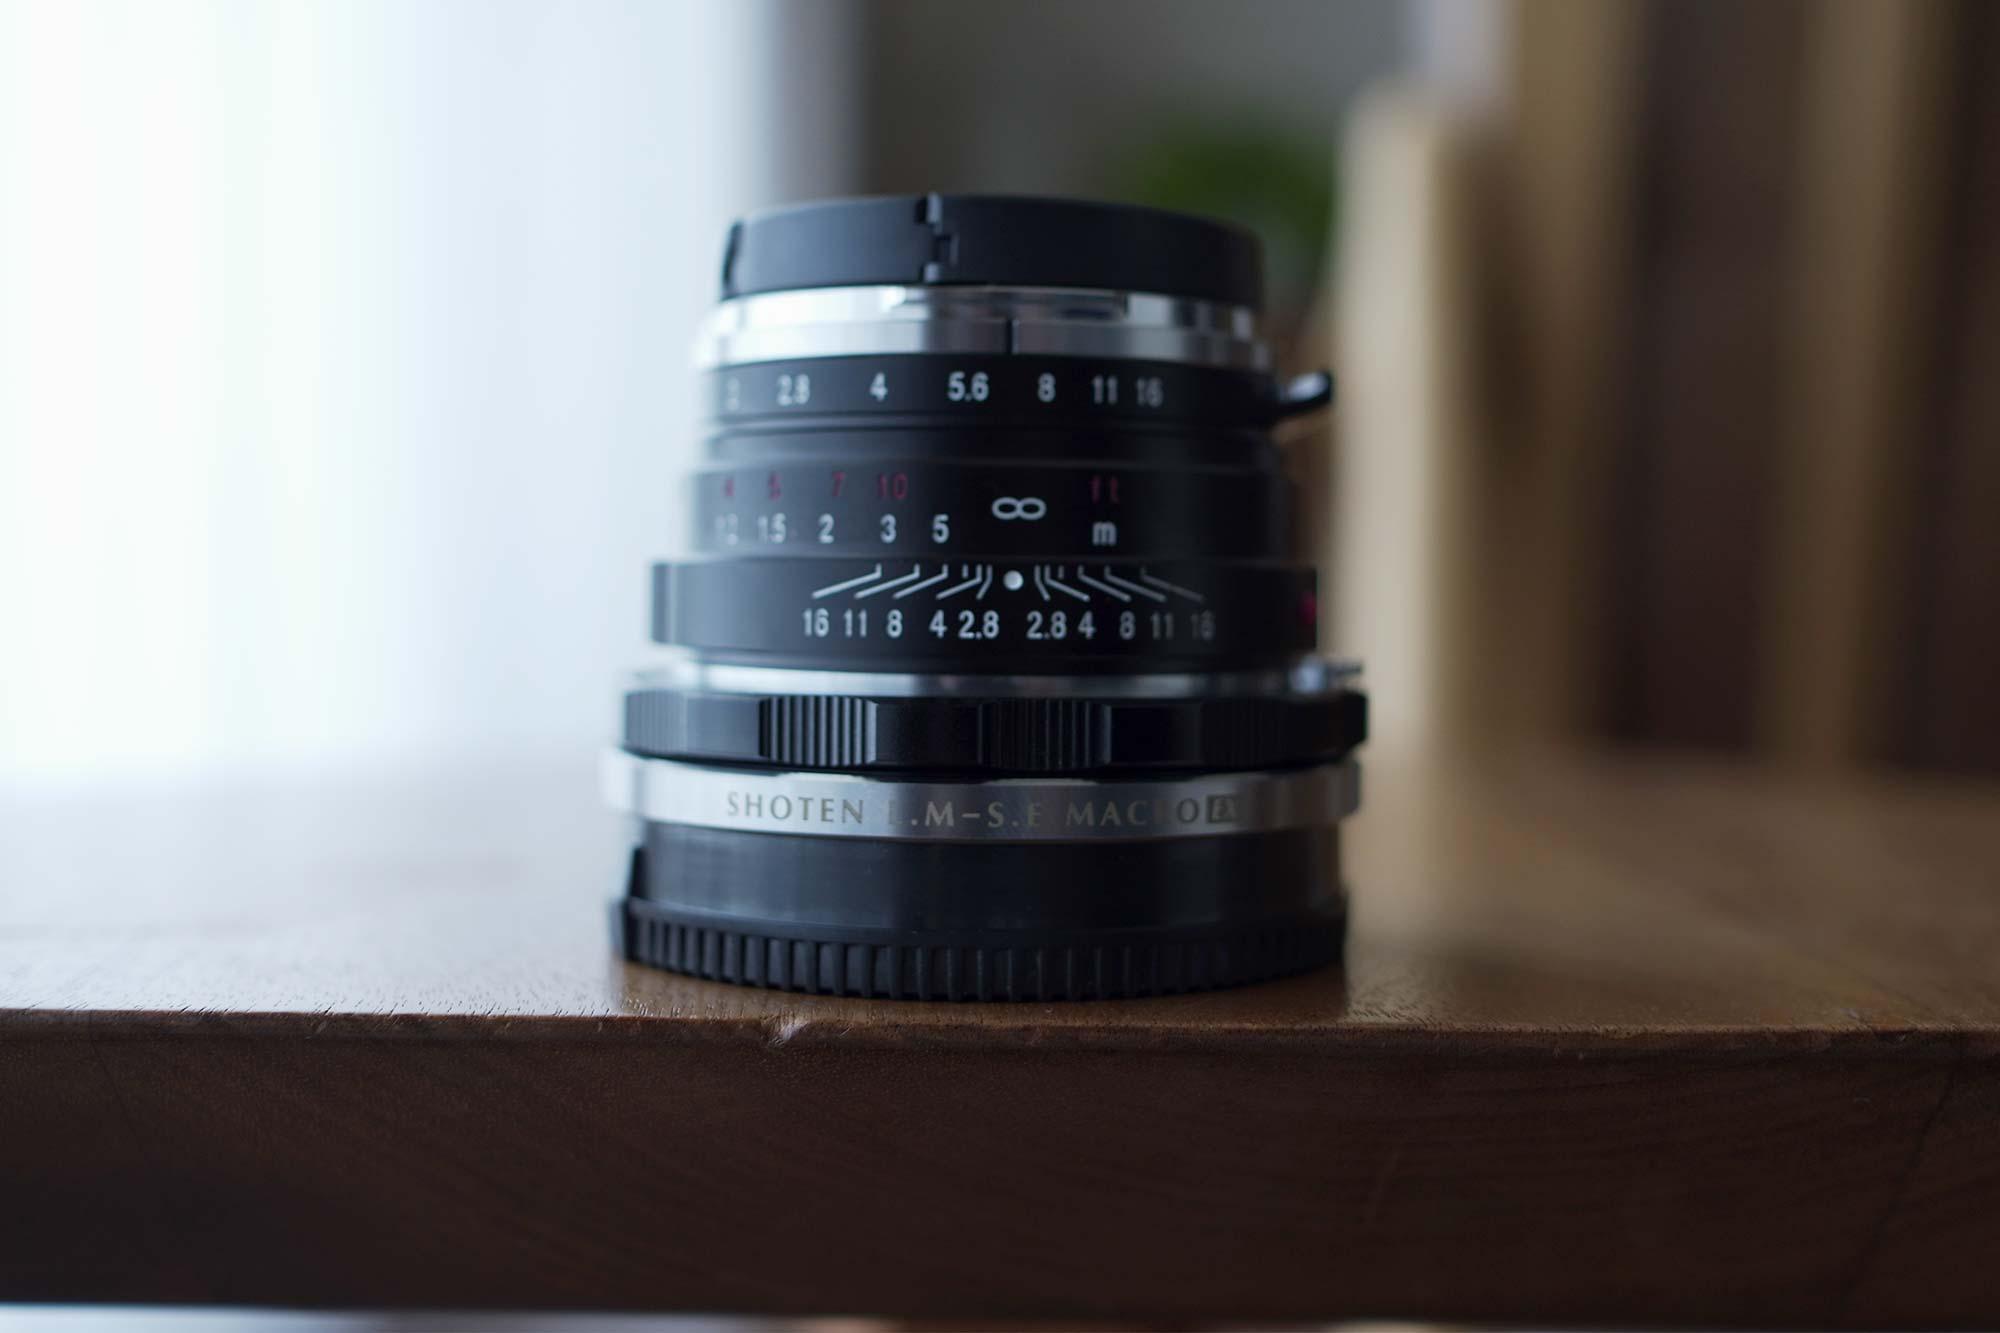 焦点工房,マウントアダプター,ヘリコイド,フォクトレンダー,pro,プロ,寄れる,最短撮影距離,レトロ